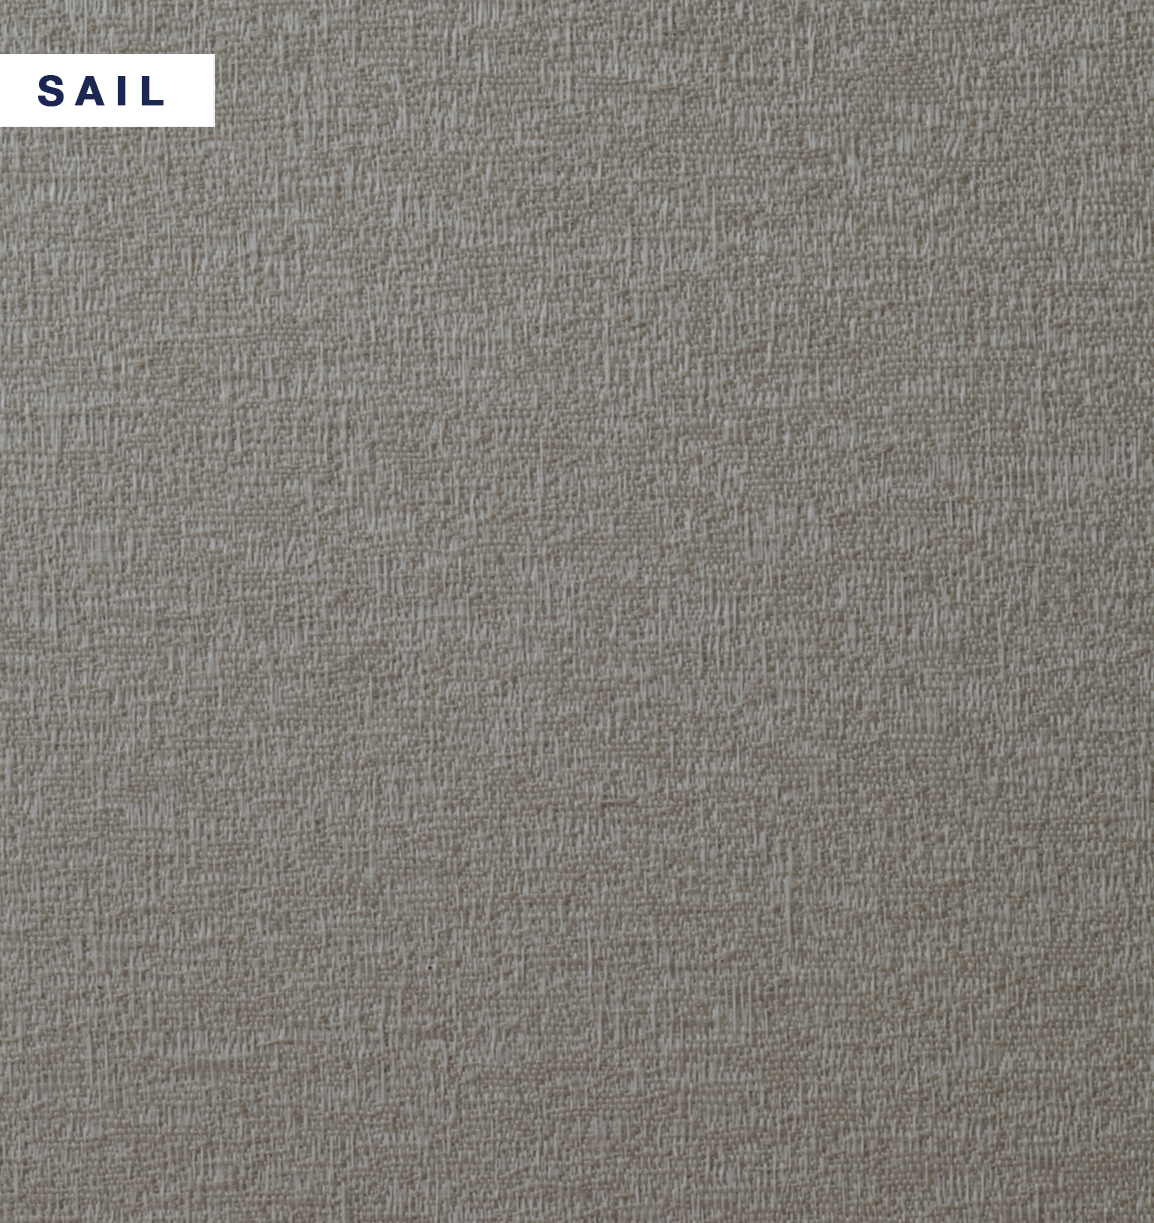 Skye - Sail.jpg